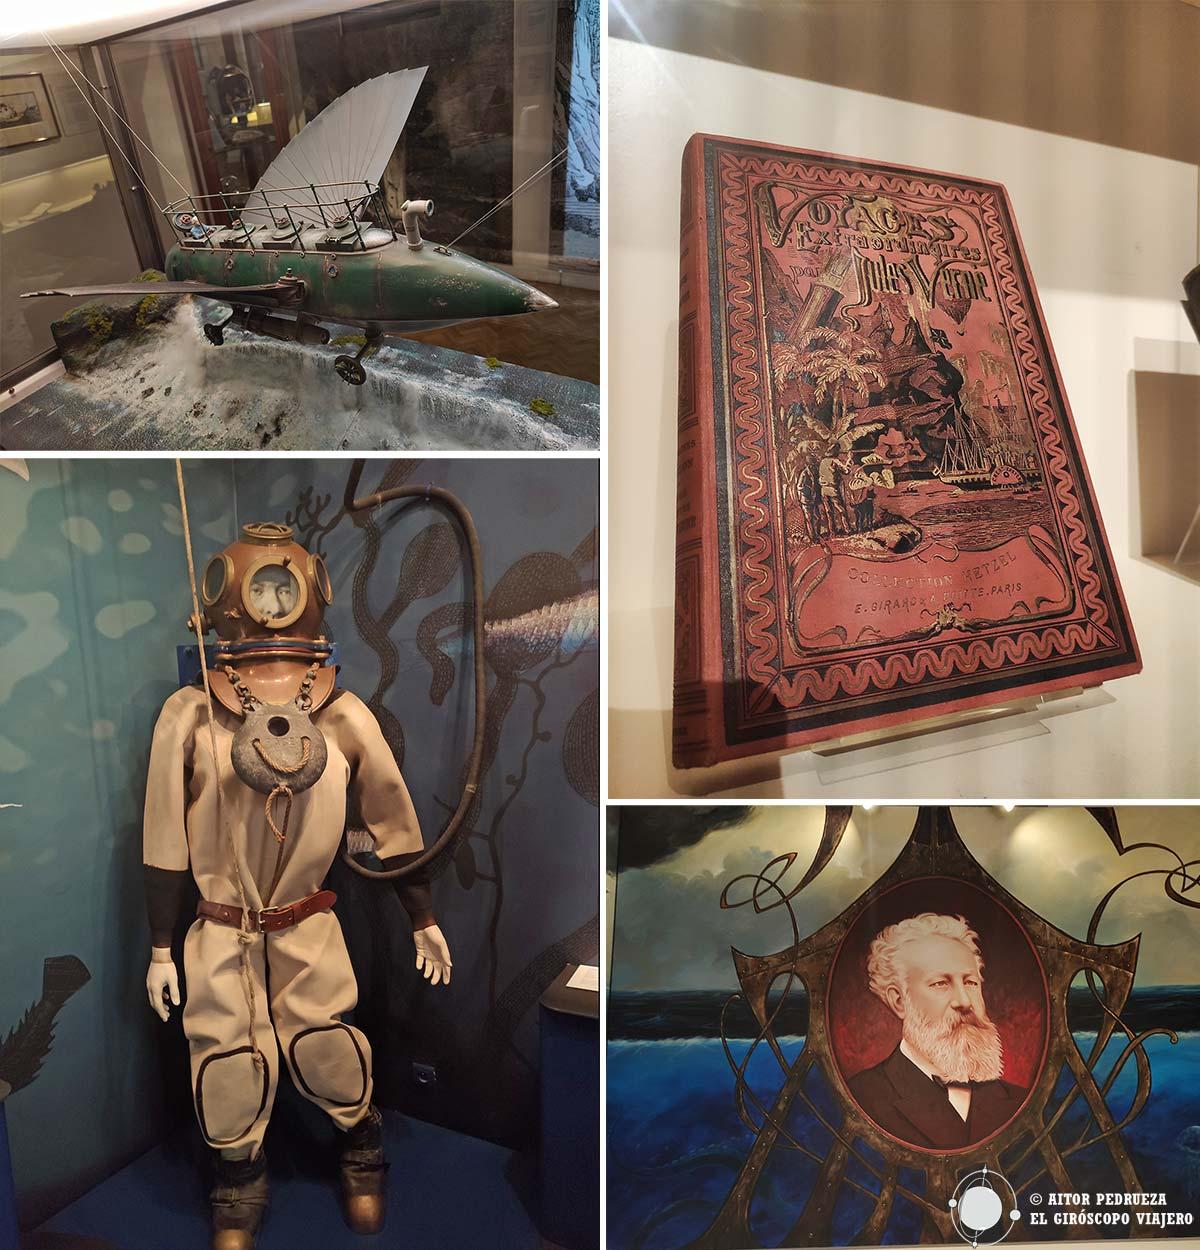 Objetos en el Museo Julio Verne.Objetos en el Museo Julio Verne.